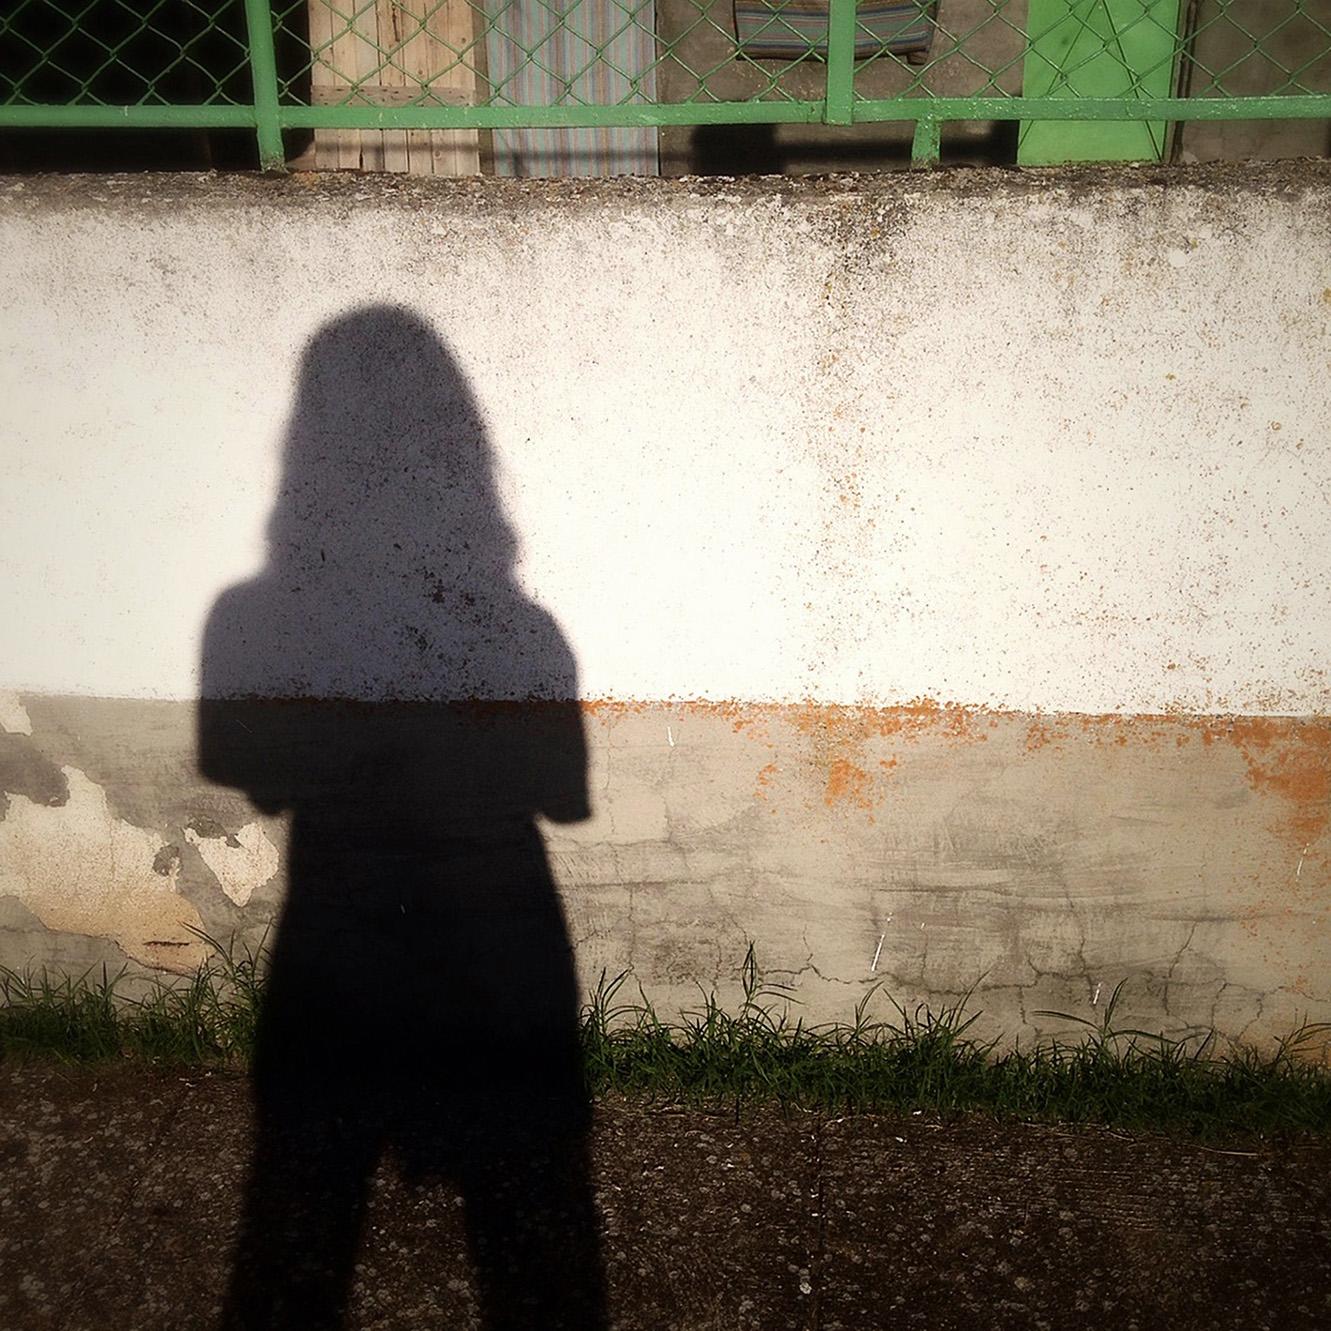 22-mobilephotography-txucapereira